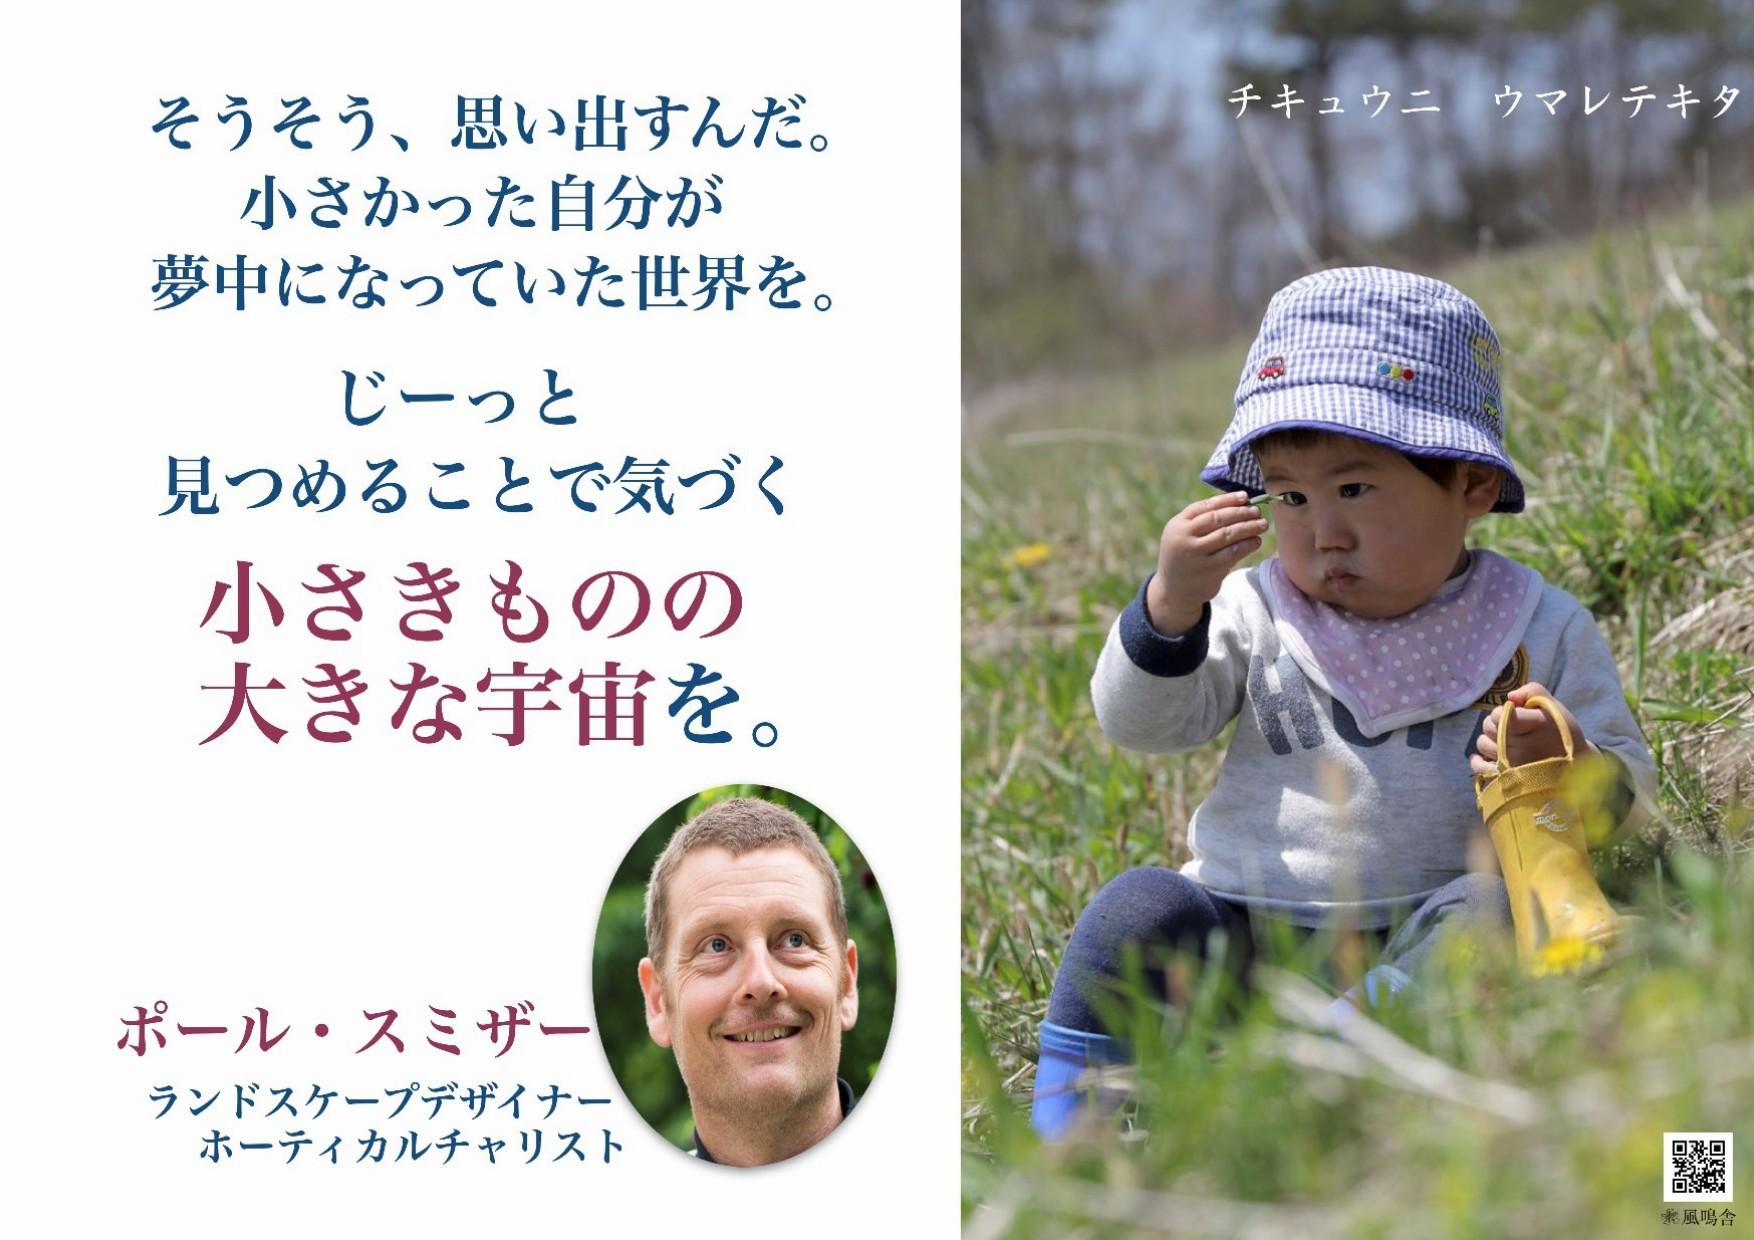 チキュウ二ウマレテキタ_推薦文4pop